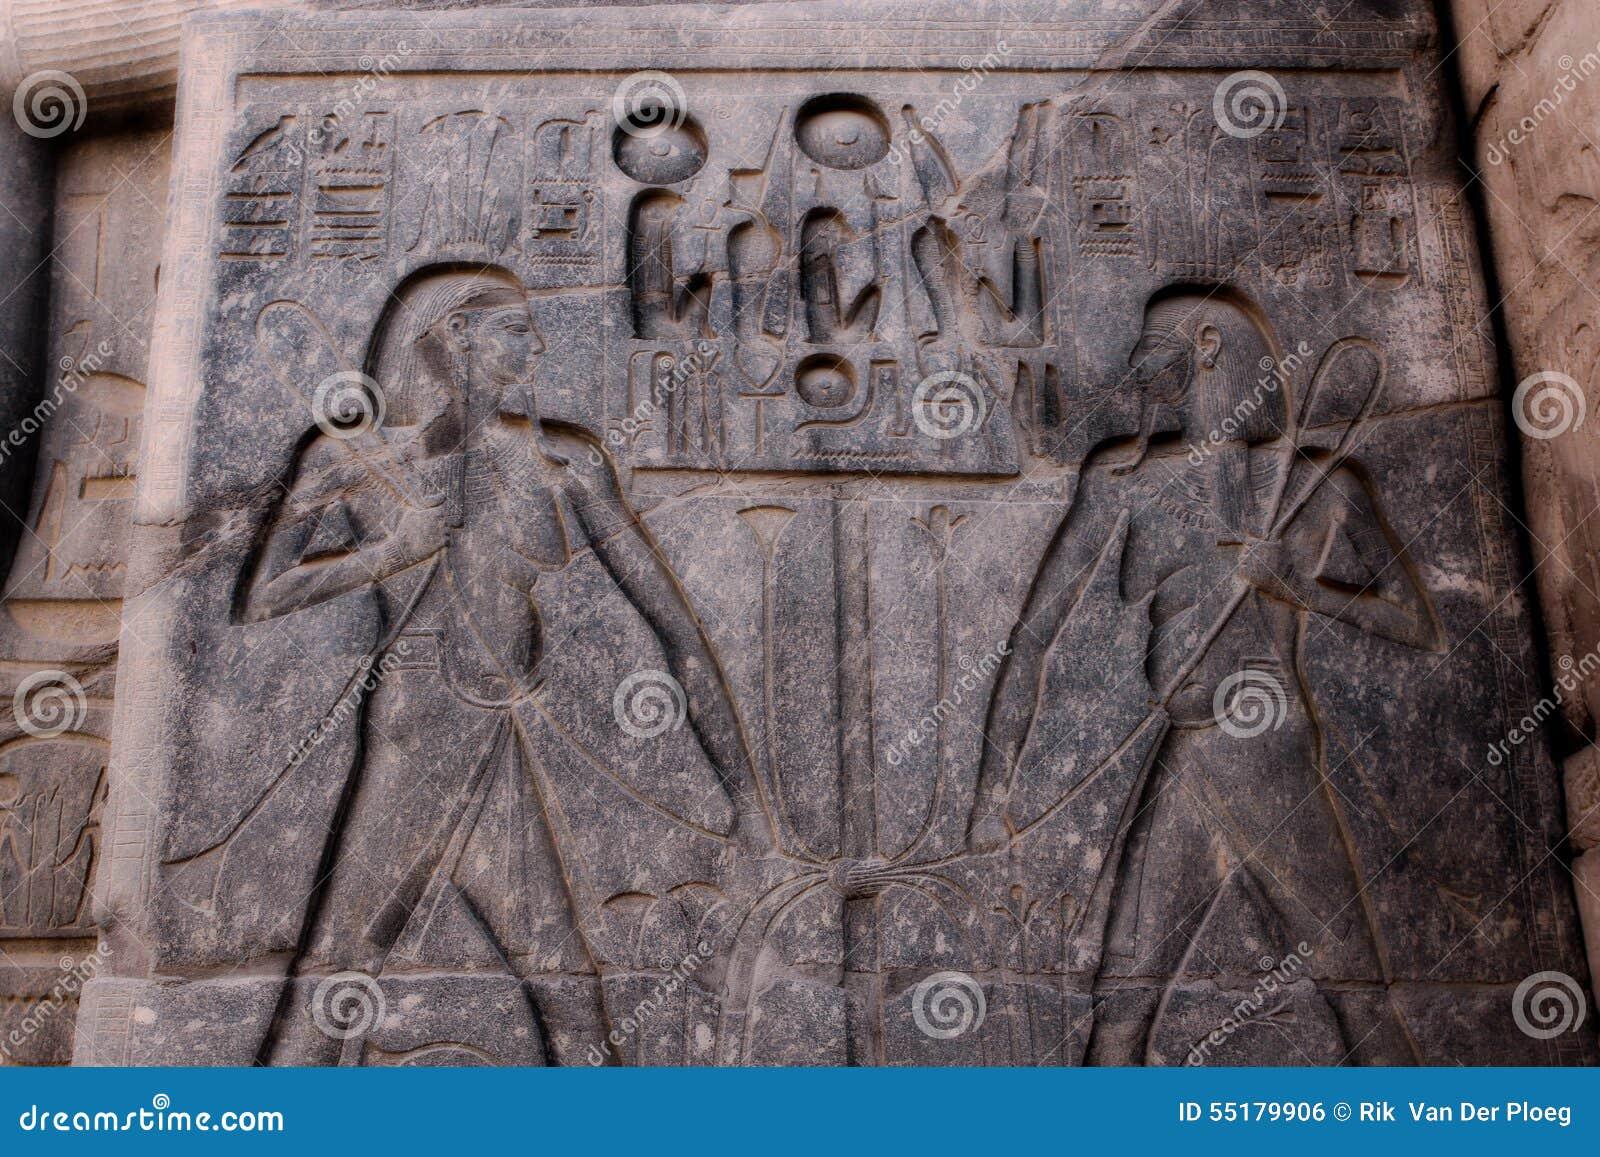 Schnitzen von Hieroglyphen im Tempel in Ägypten